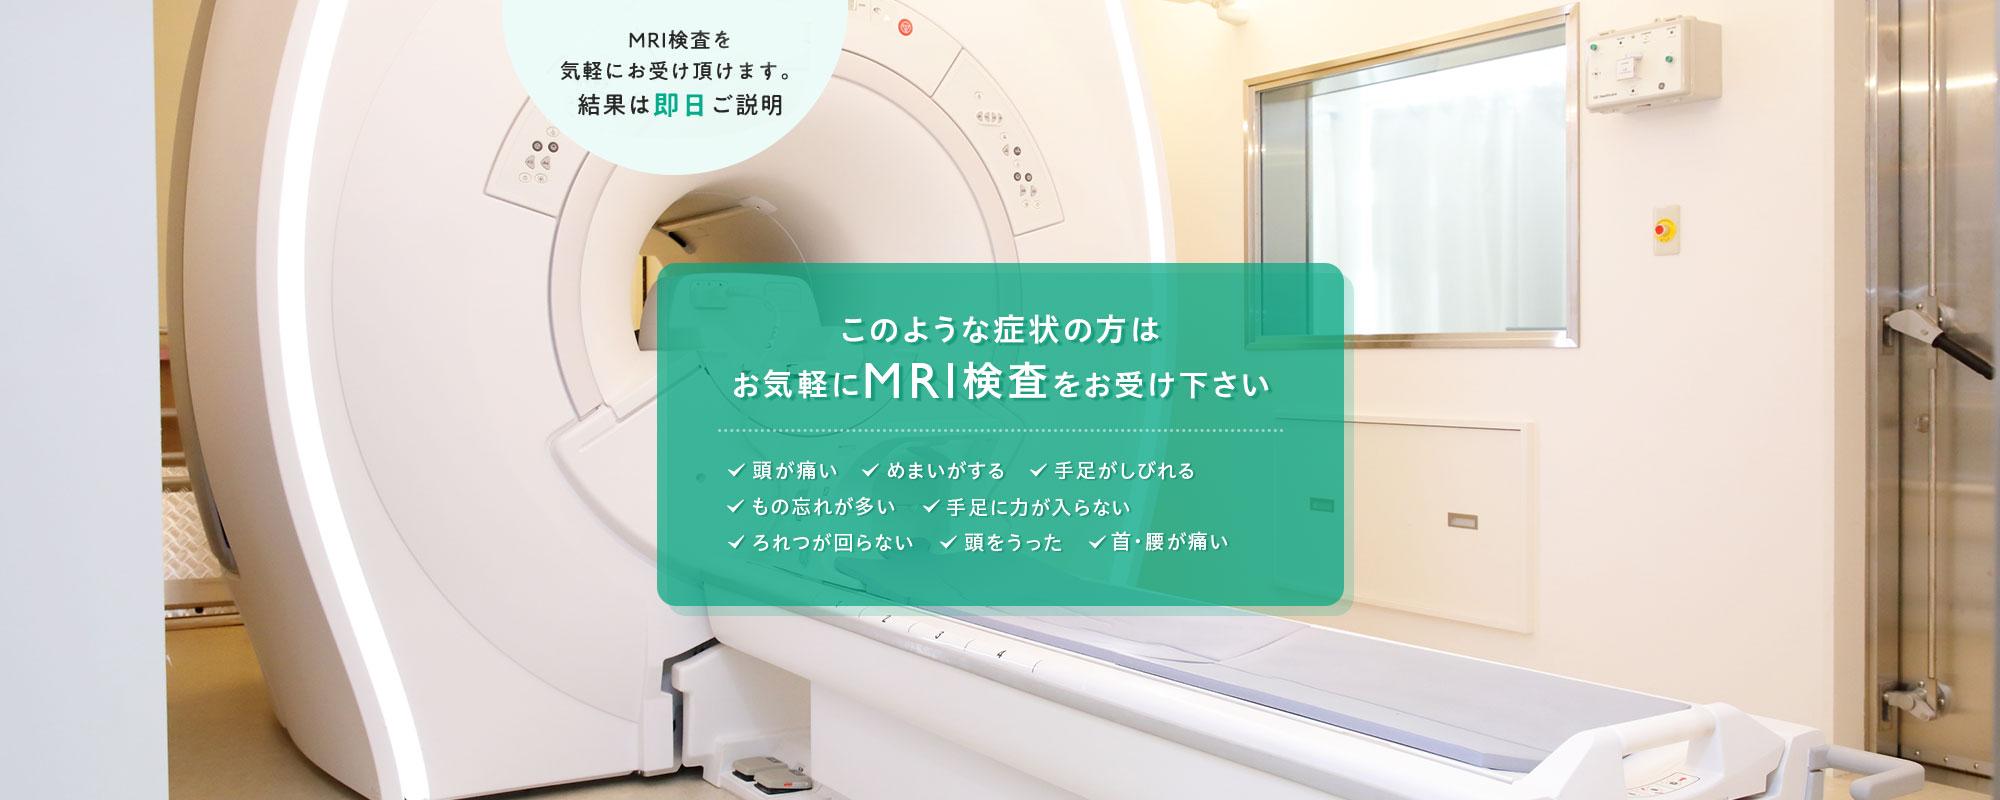 このような症状の方は お気軽にMRI検査をお受け下さい 頭が痛い・めまいがする・手足がしびれる・もの忘れが多い など